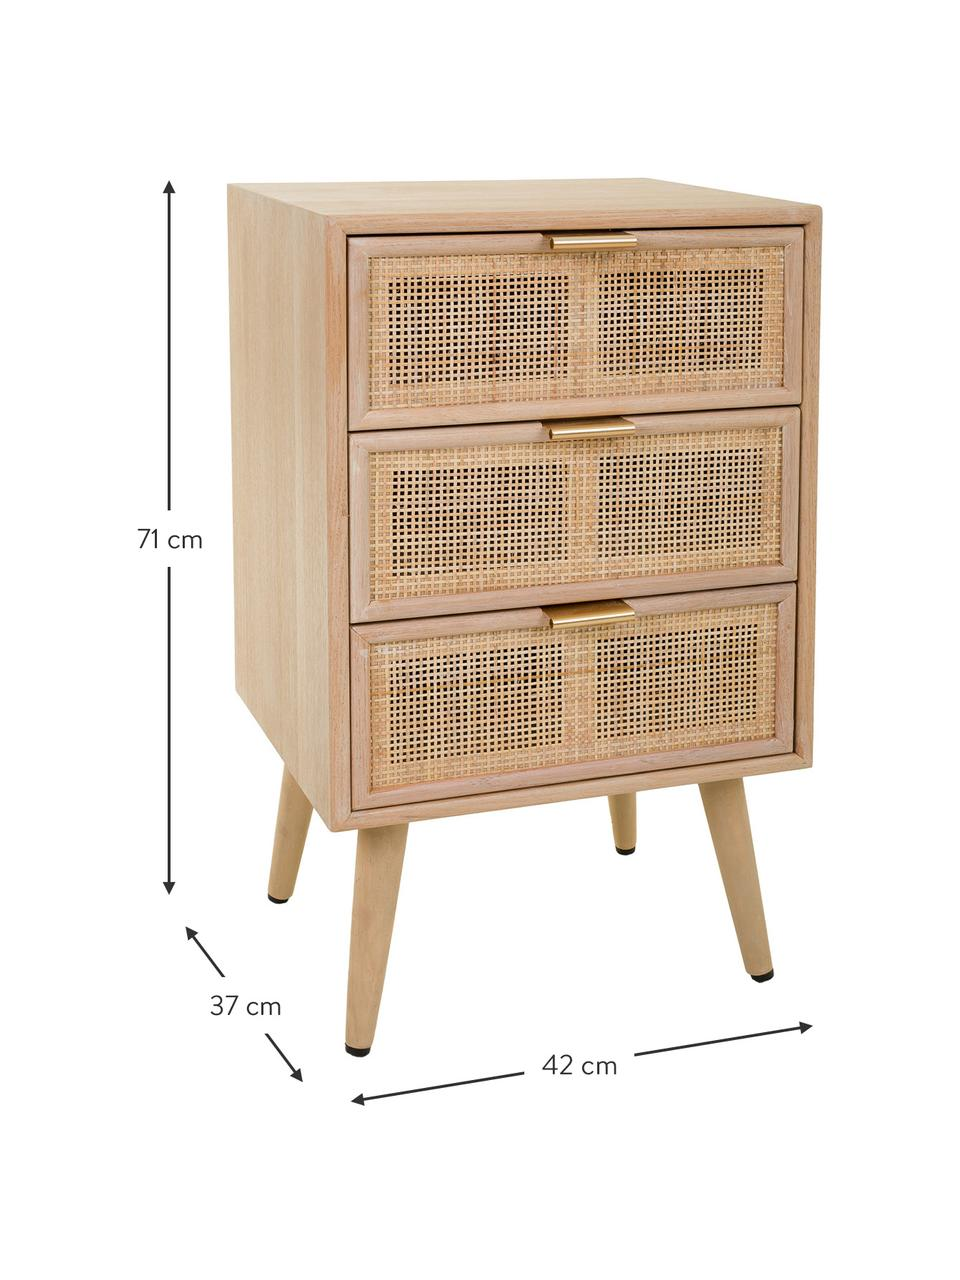 Nachtkastje Cayetana Shelfy van hout, Frame: gefineerd MDF, Handvatten: metaal, Poten: gelakt bamboehout, Bruin, 42 x 71 cm